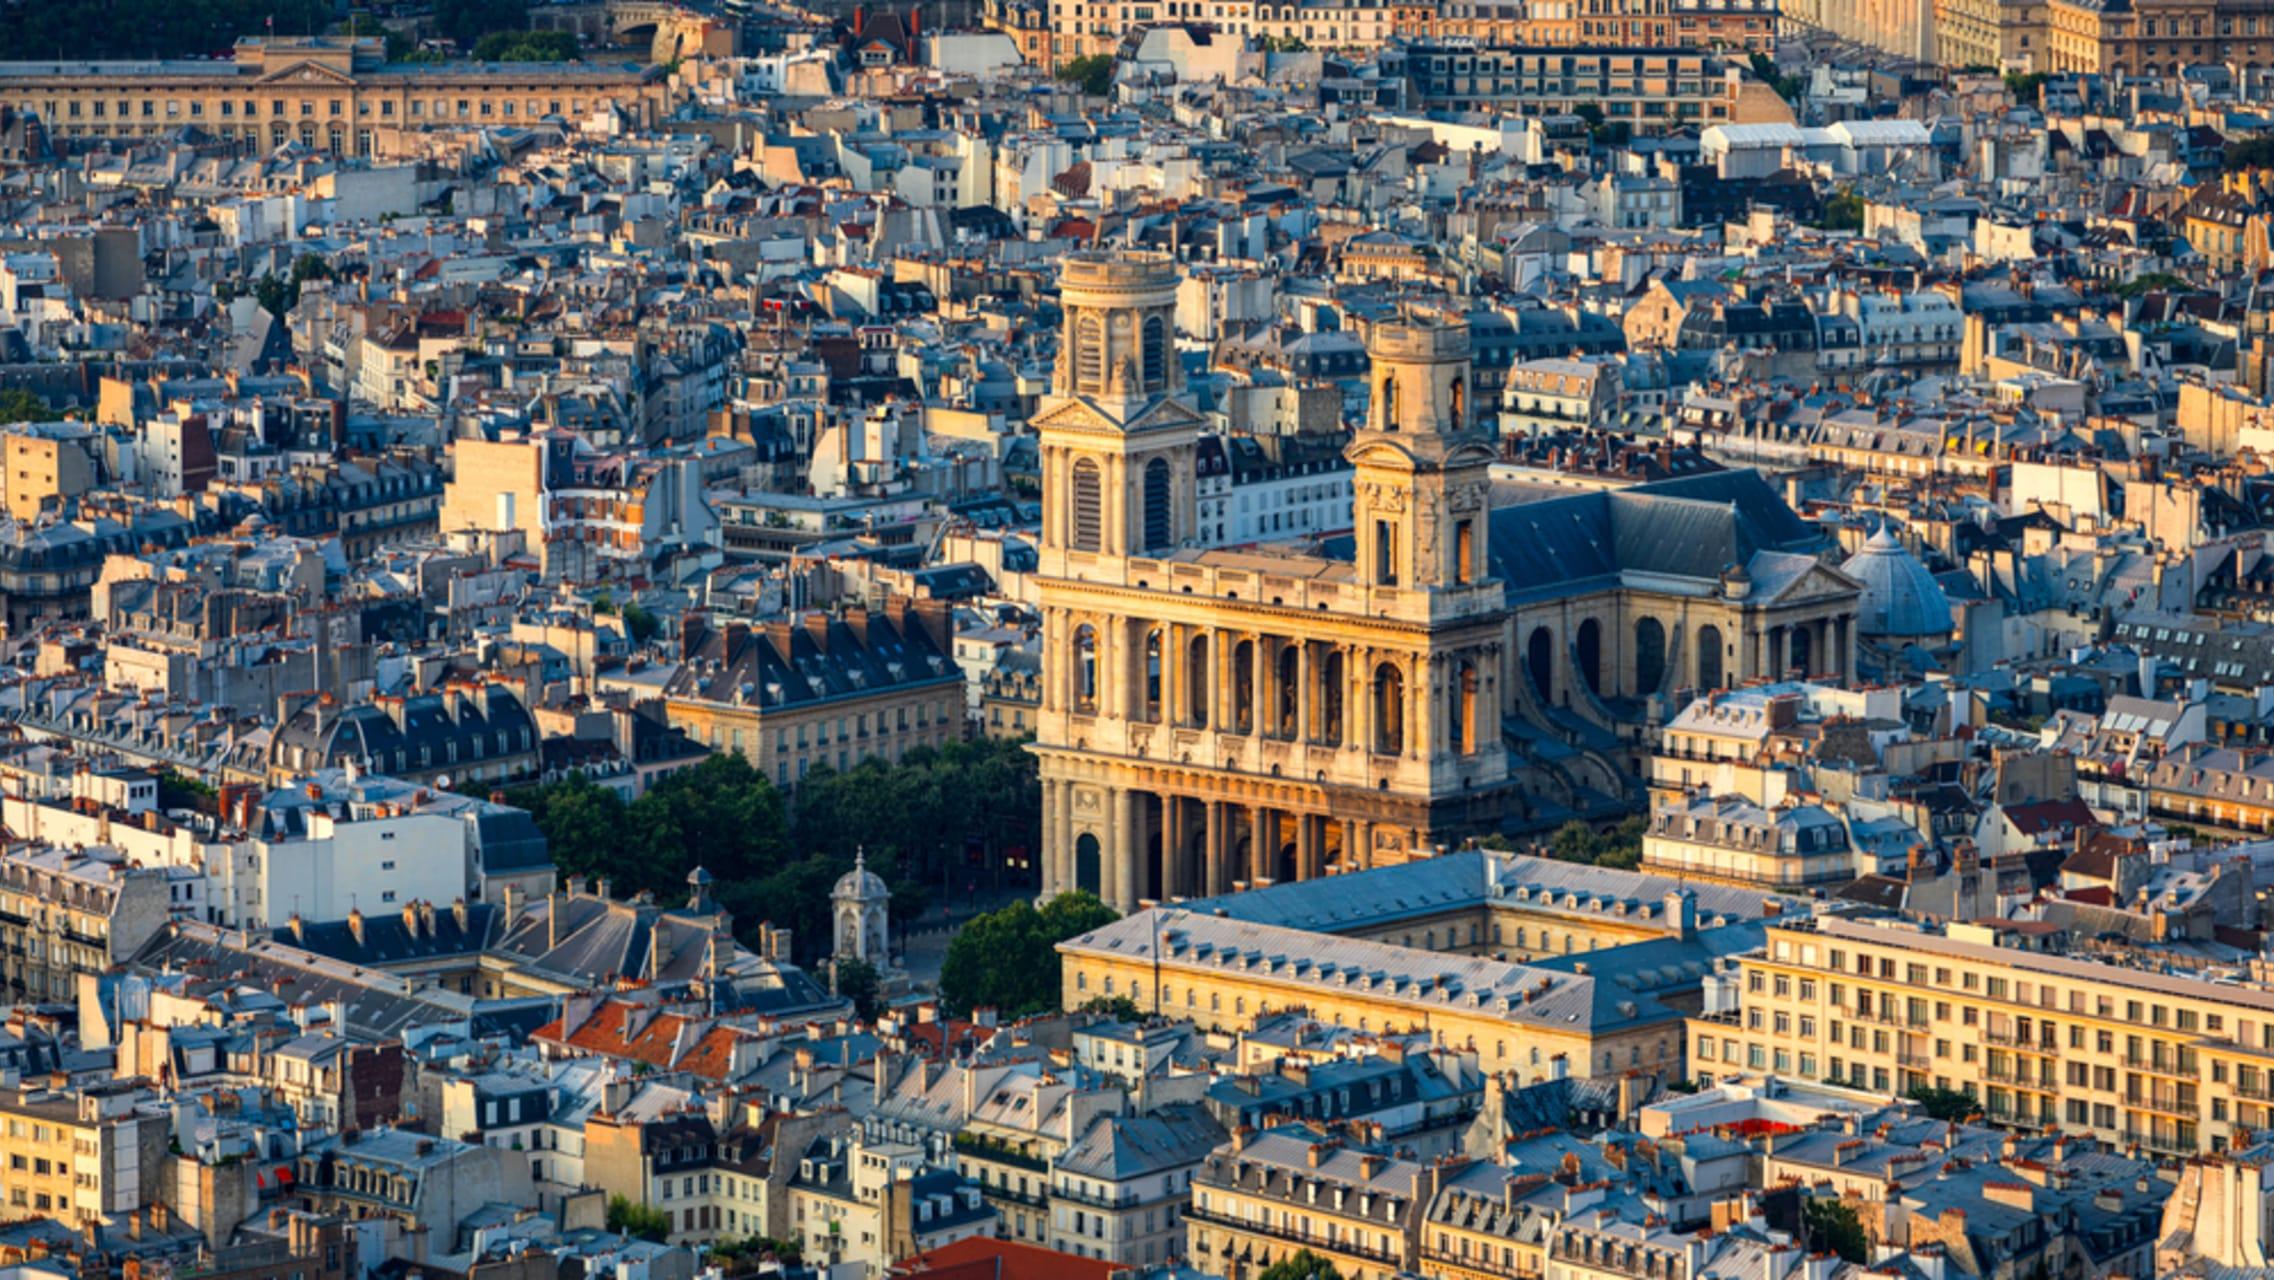 Paris - Aristocrats and Artists in Saint Germain des Prés